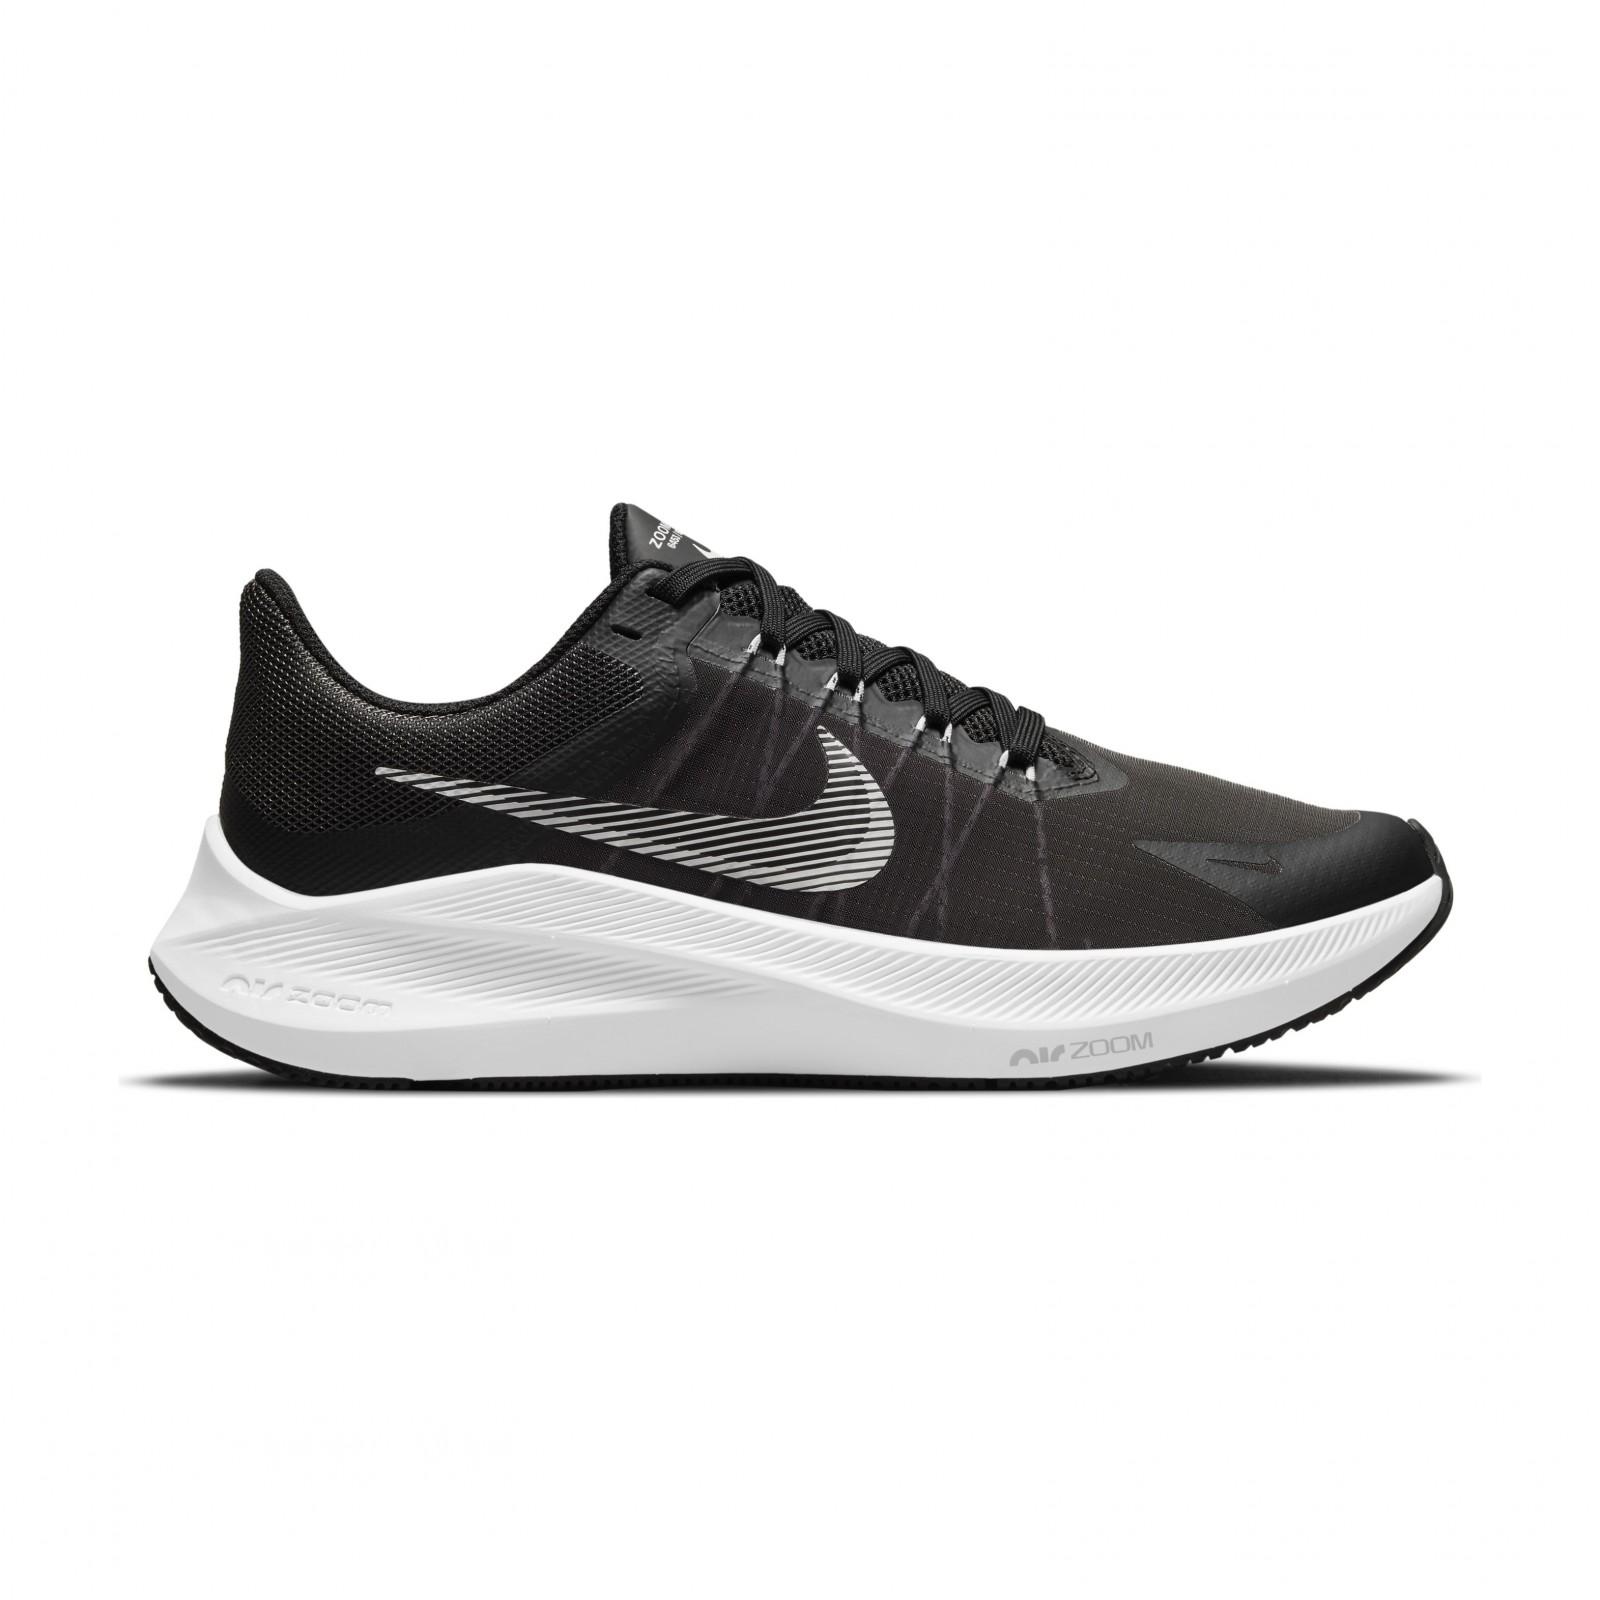 Nike Winflo 8 BLACK/WHITE-DK SMOKE GREY-LT SMOKE GREY